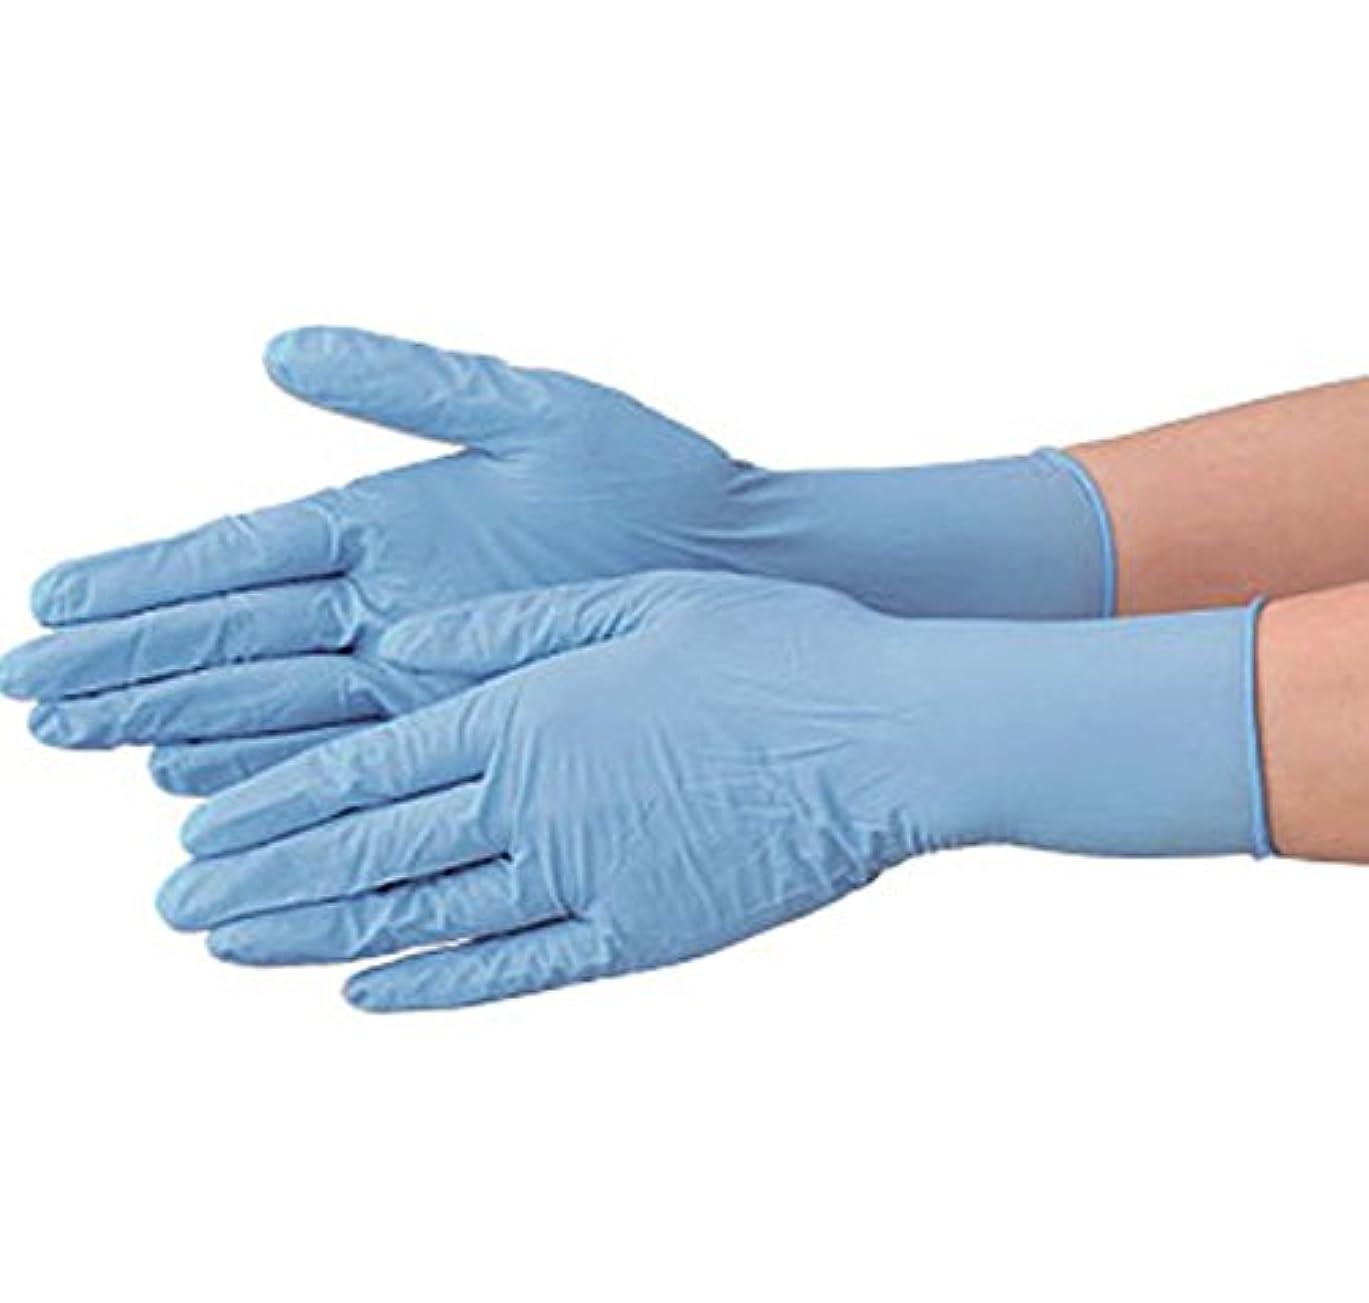 ロープジャベスウィルソンオンス使い捨て 手袋 エブノ 532 ニトリルNEO ブルー Mサイズ パウダー付き 2ケース(100枚×60箱)